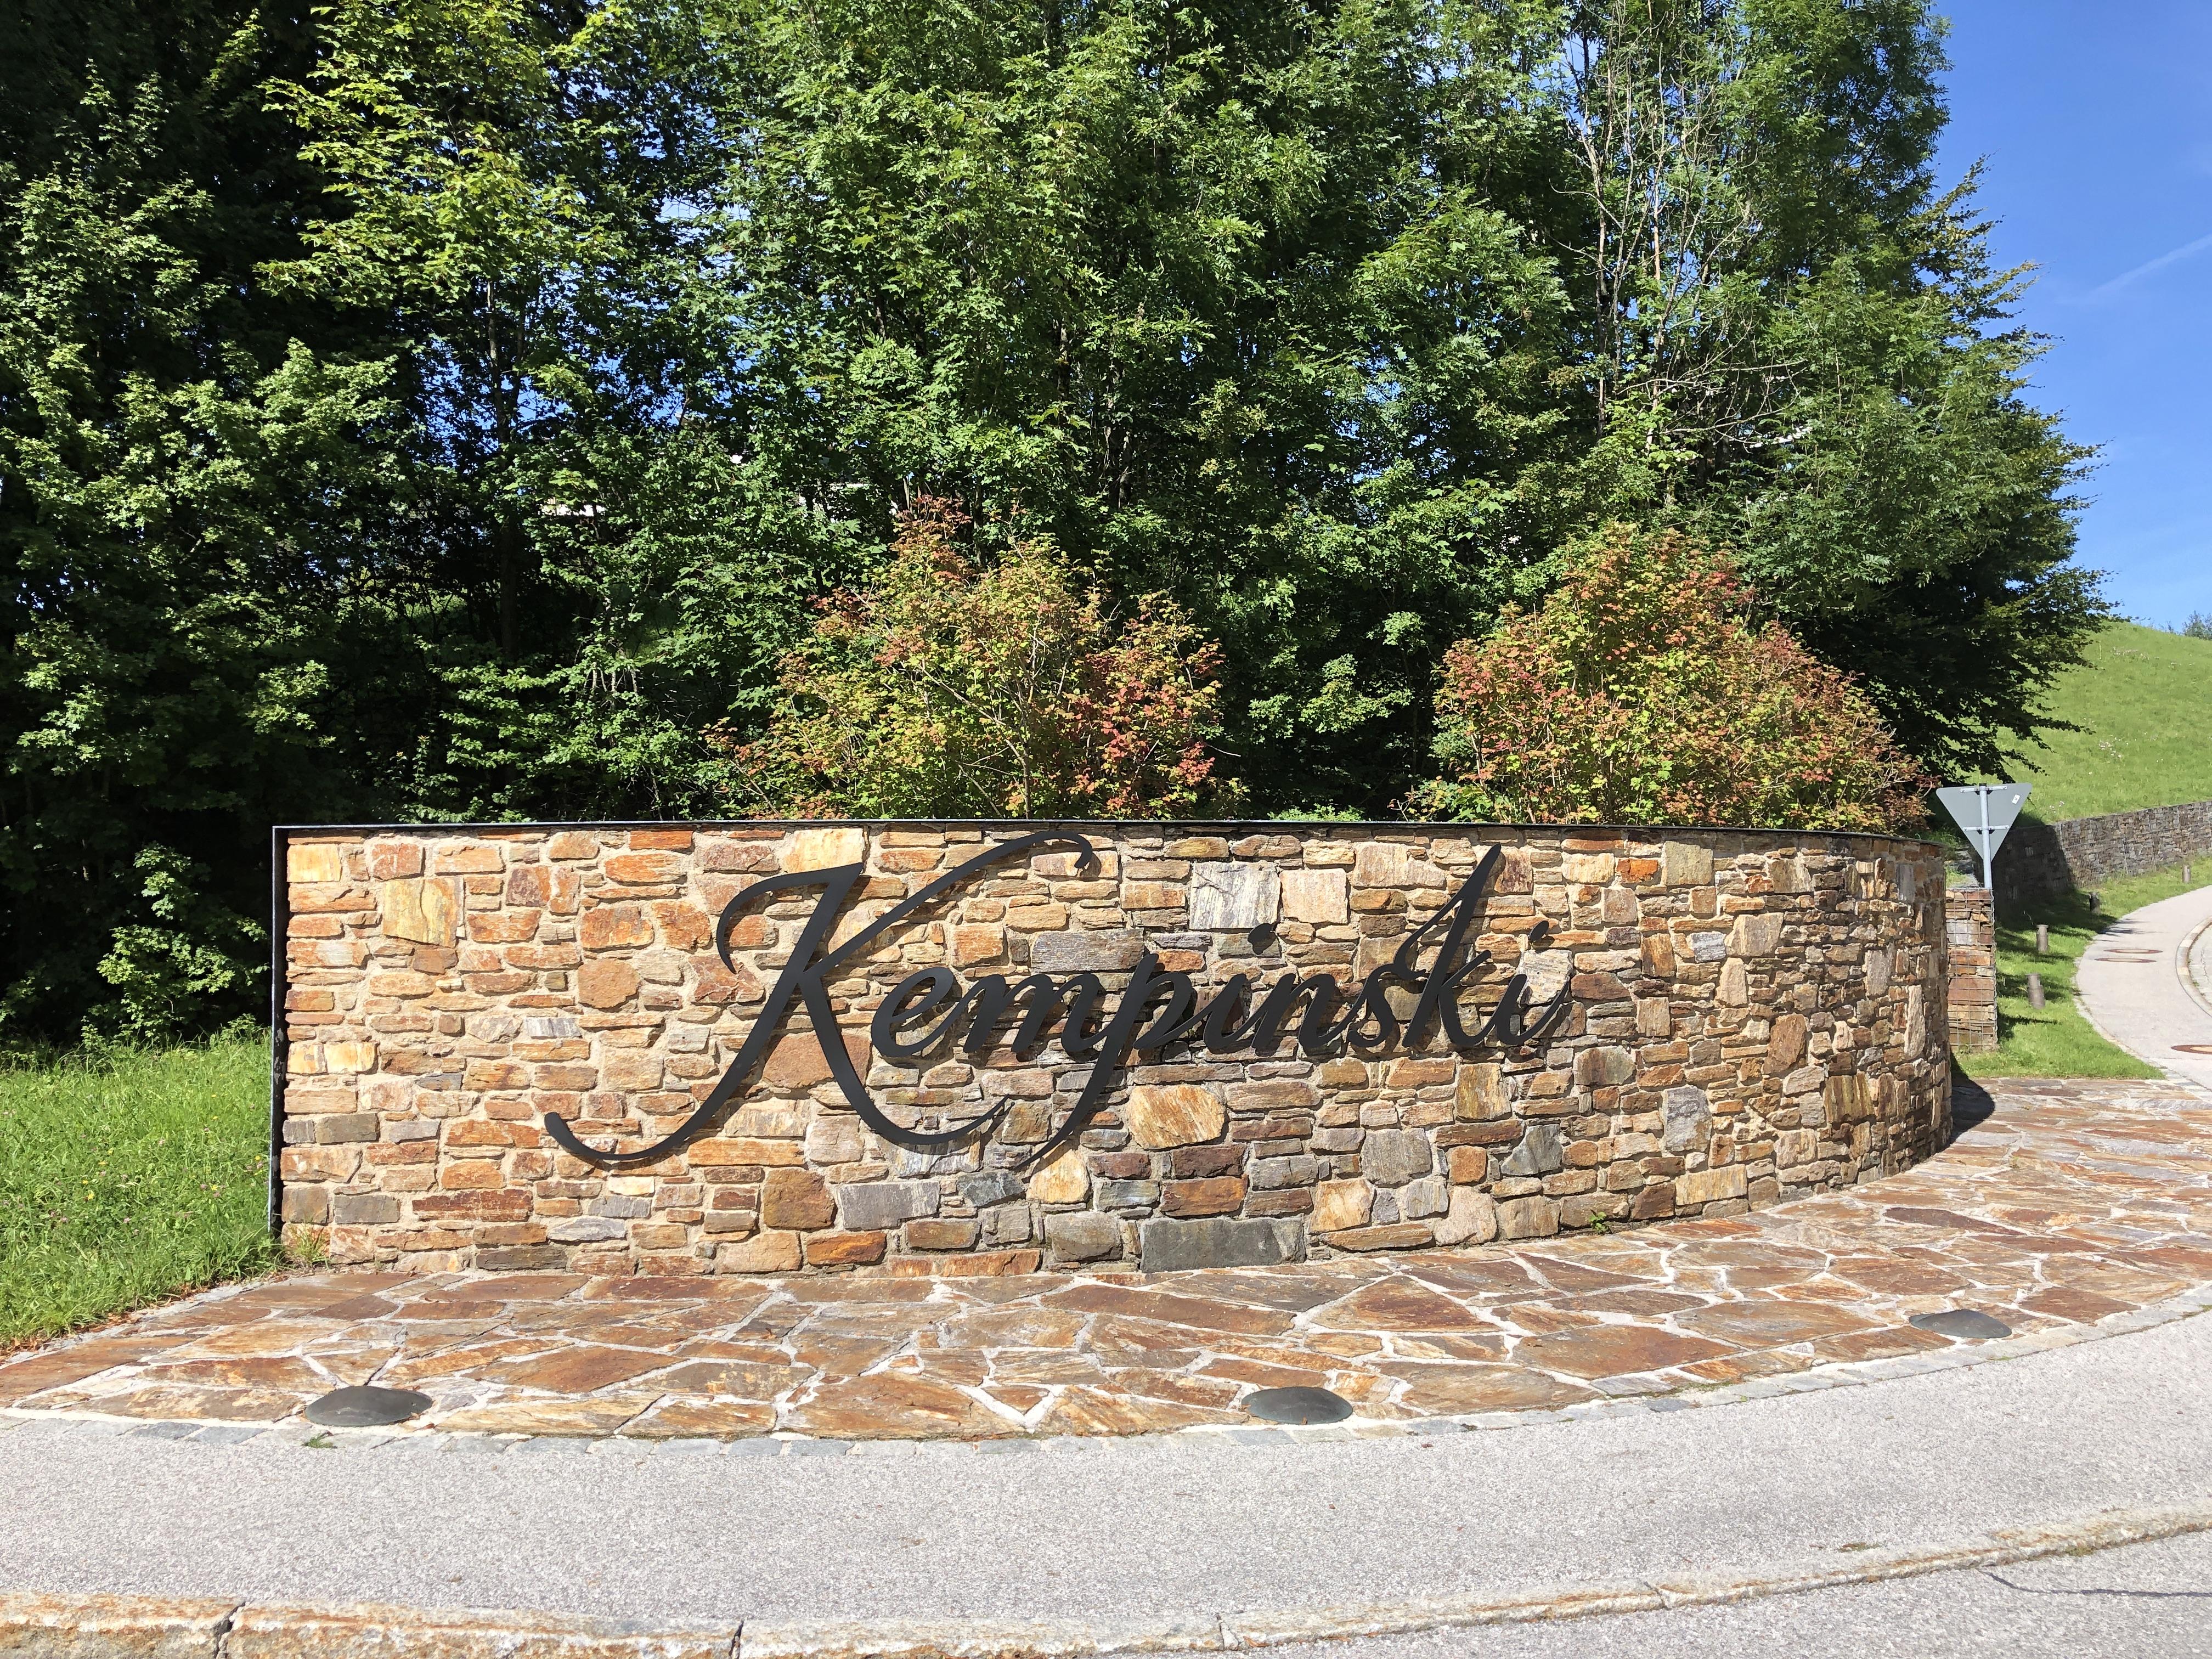 Review – Kempinski Hotel Berchtesgaden